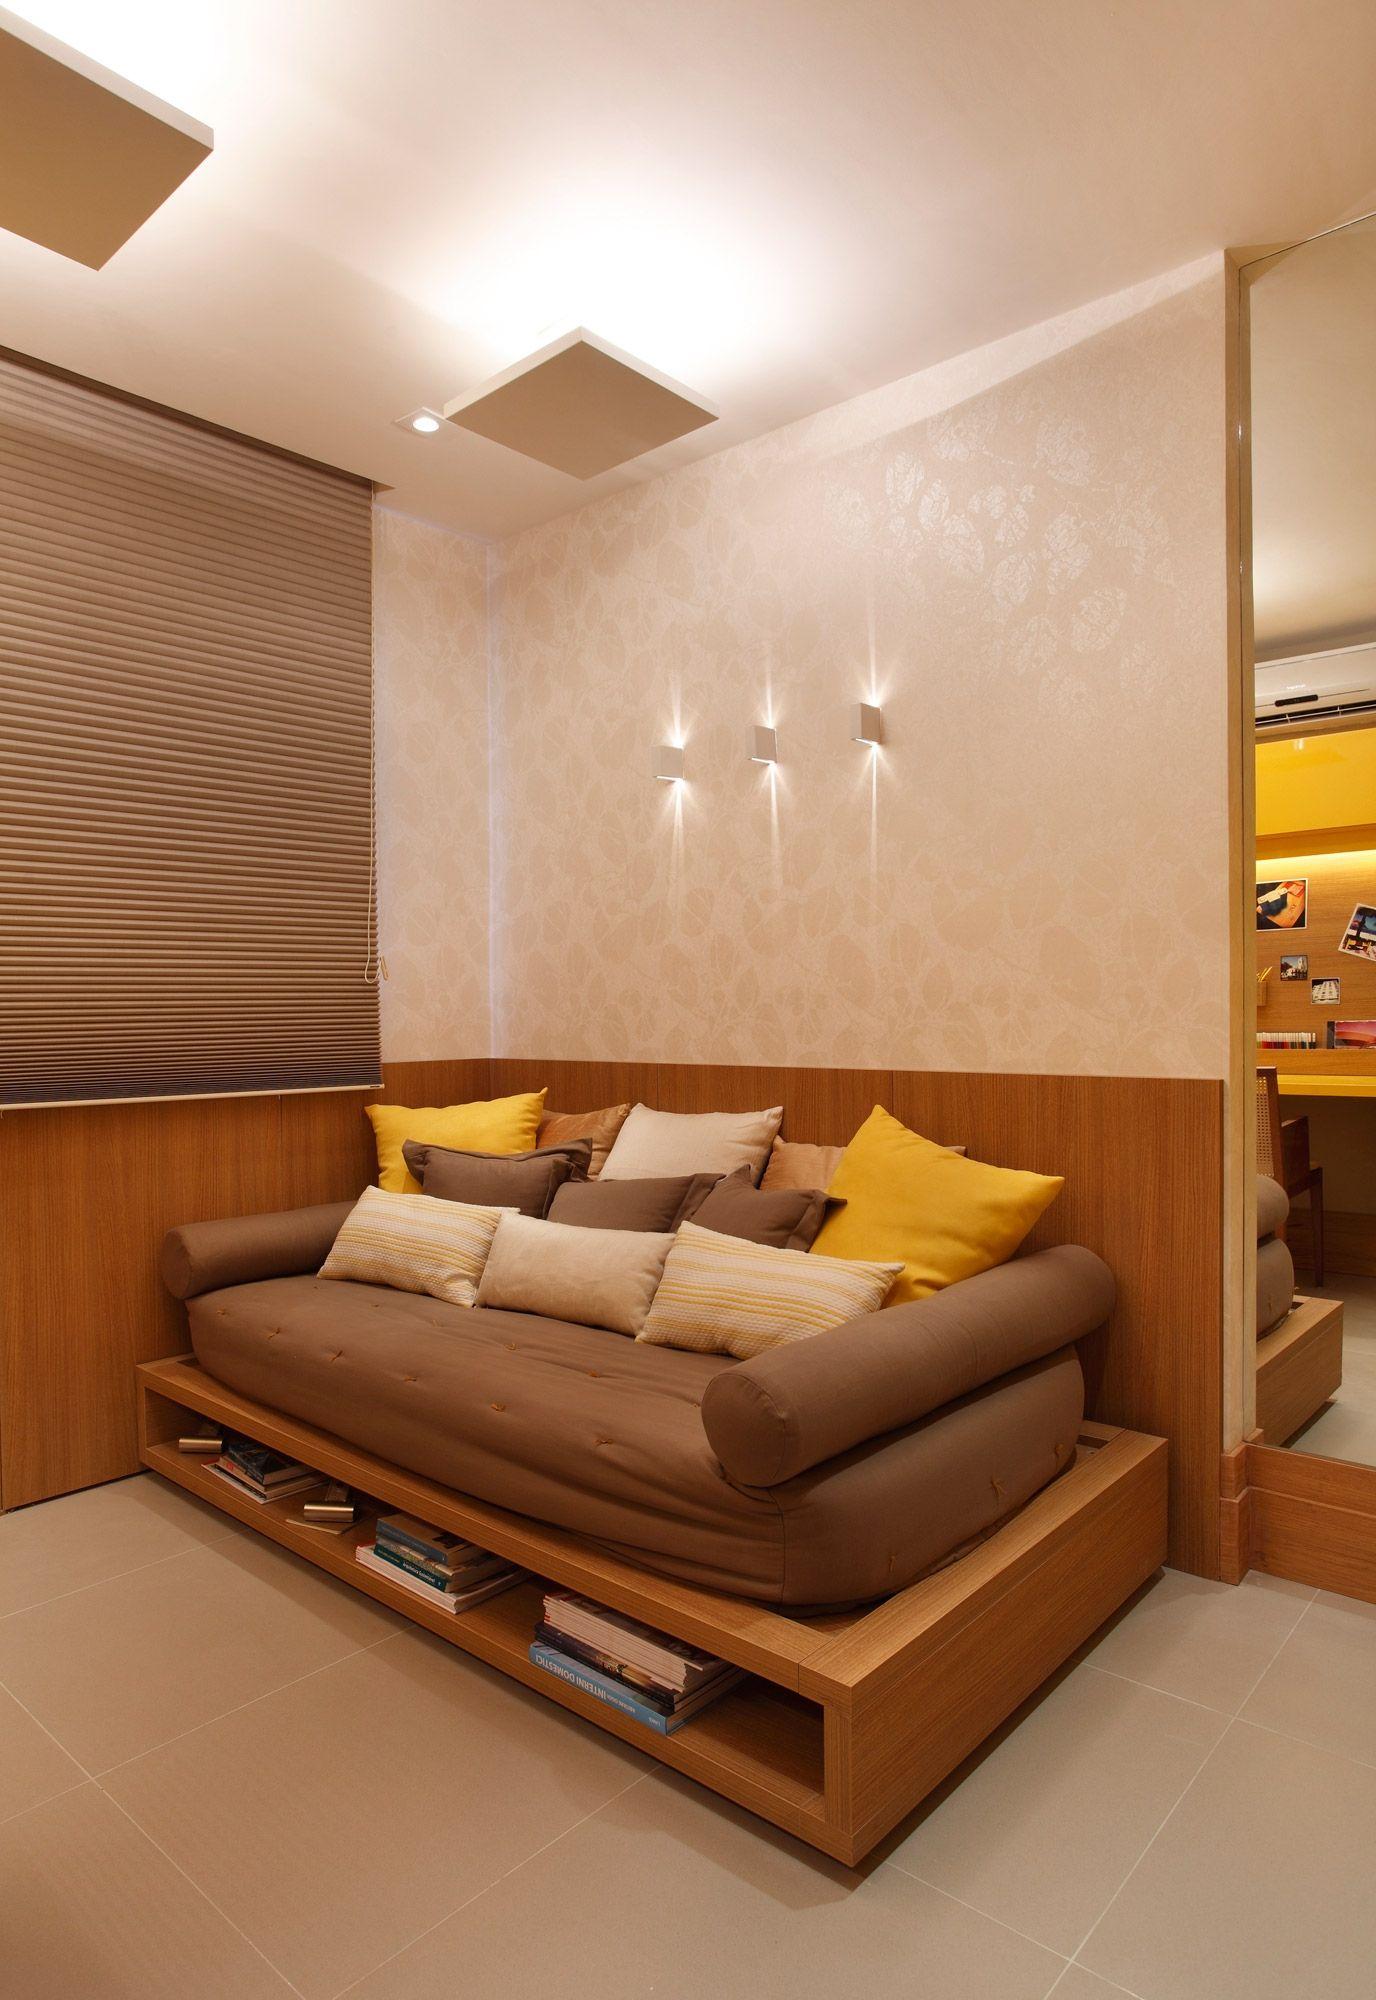 Cama vi vo modelo quadratto em acabamento legno miele for Sofa cama juvenil